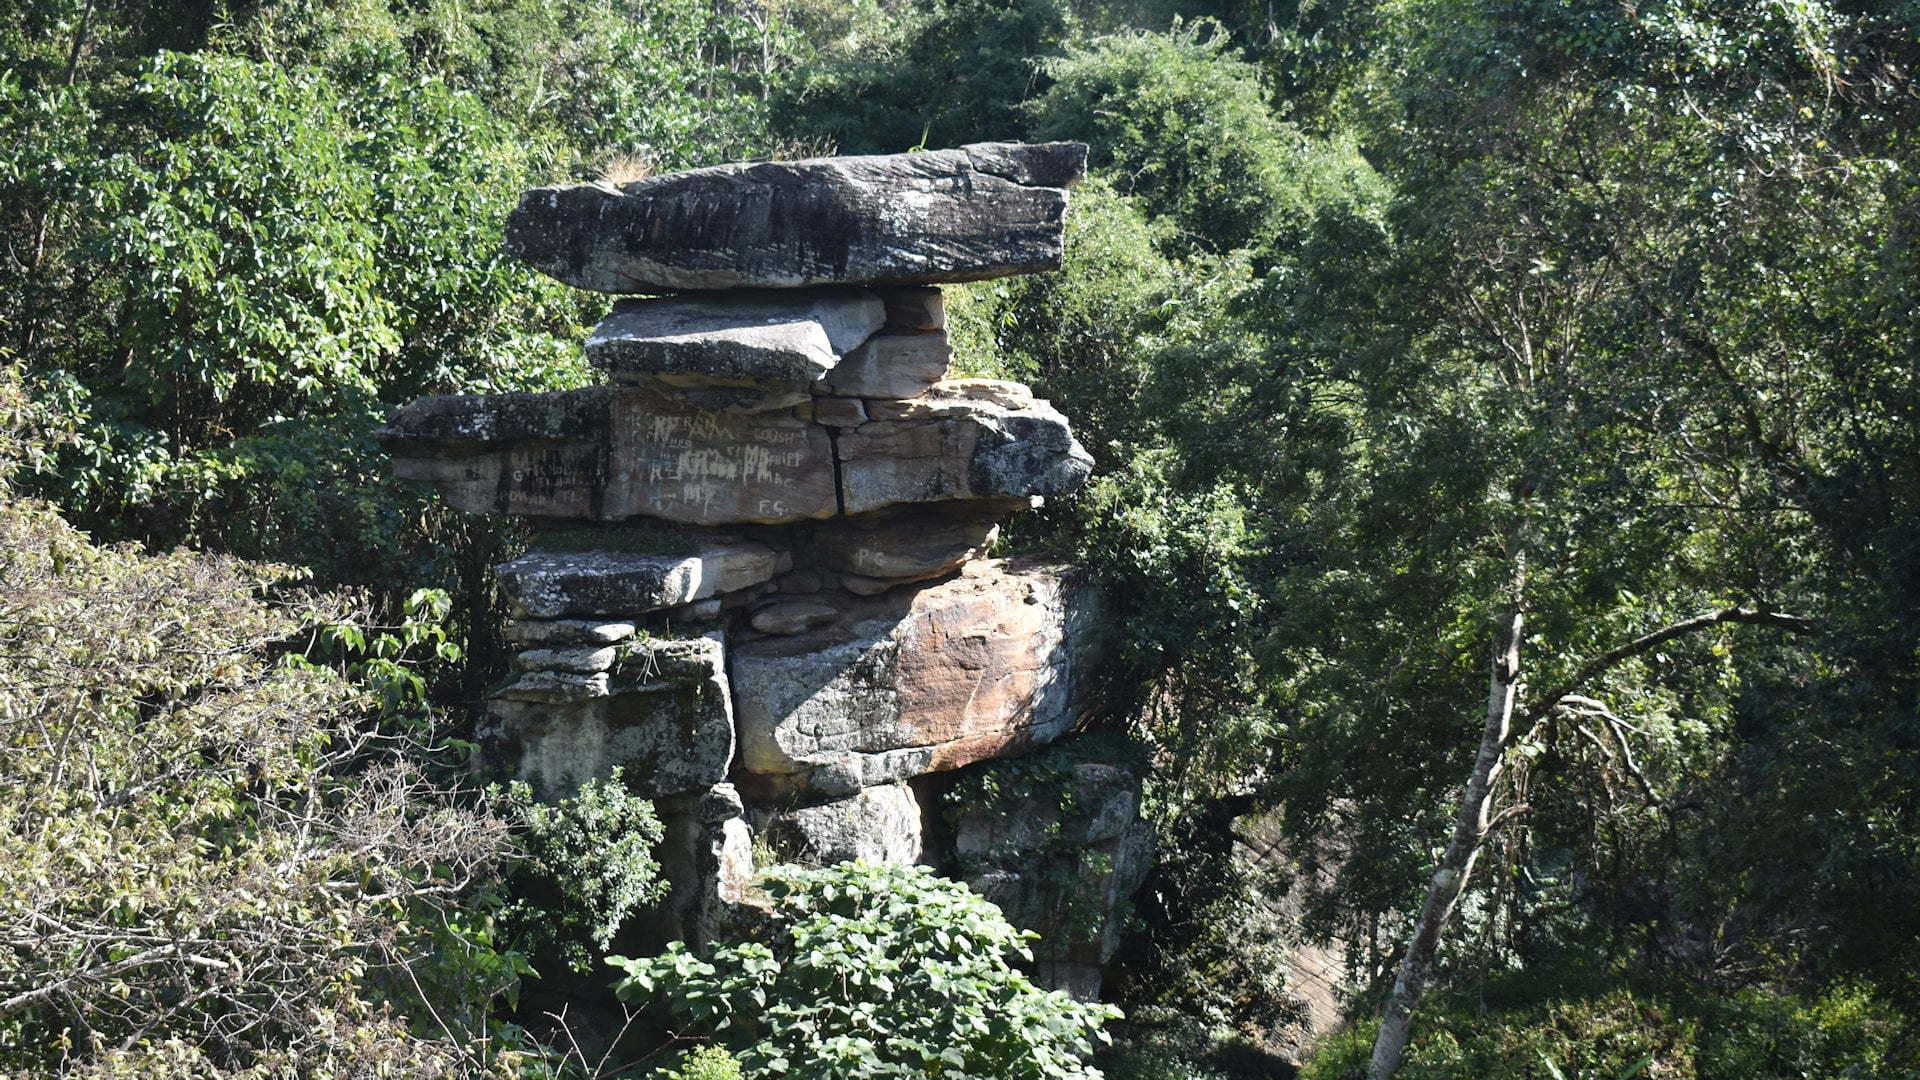 Pinnacle Rock or The Pinnacles at Maclean in Northern NSW